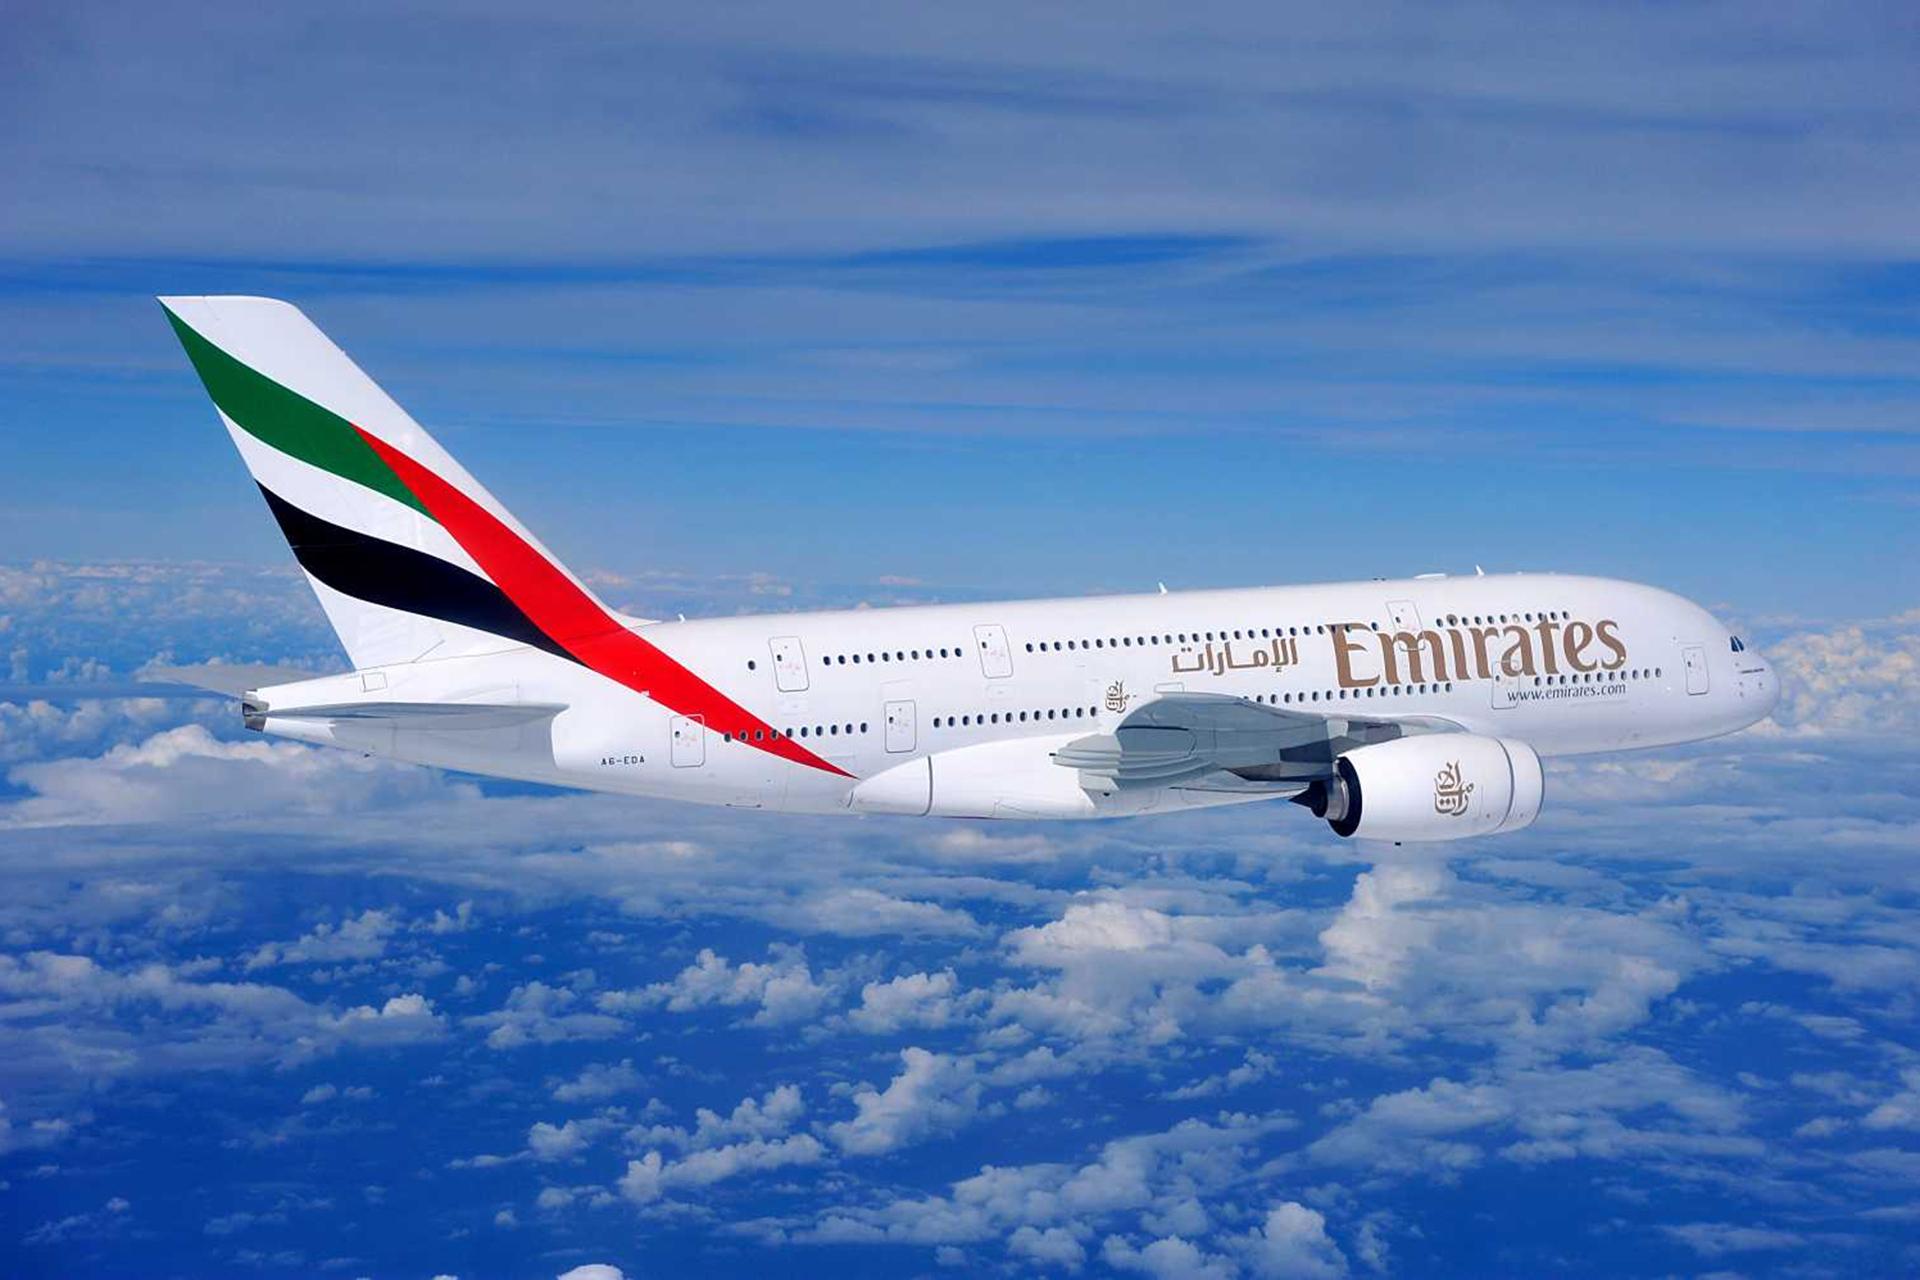 طيران الإمارات توفر مزيداً من فرص وعروض السفر صيفاً